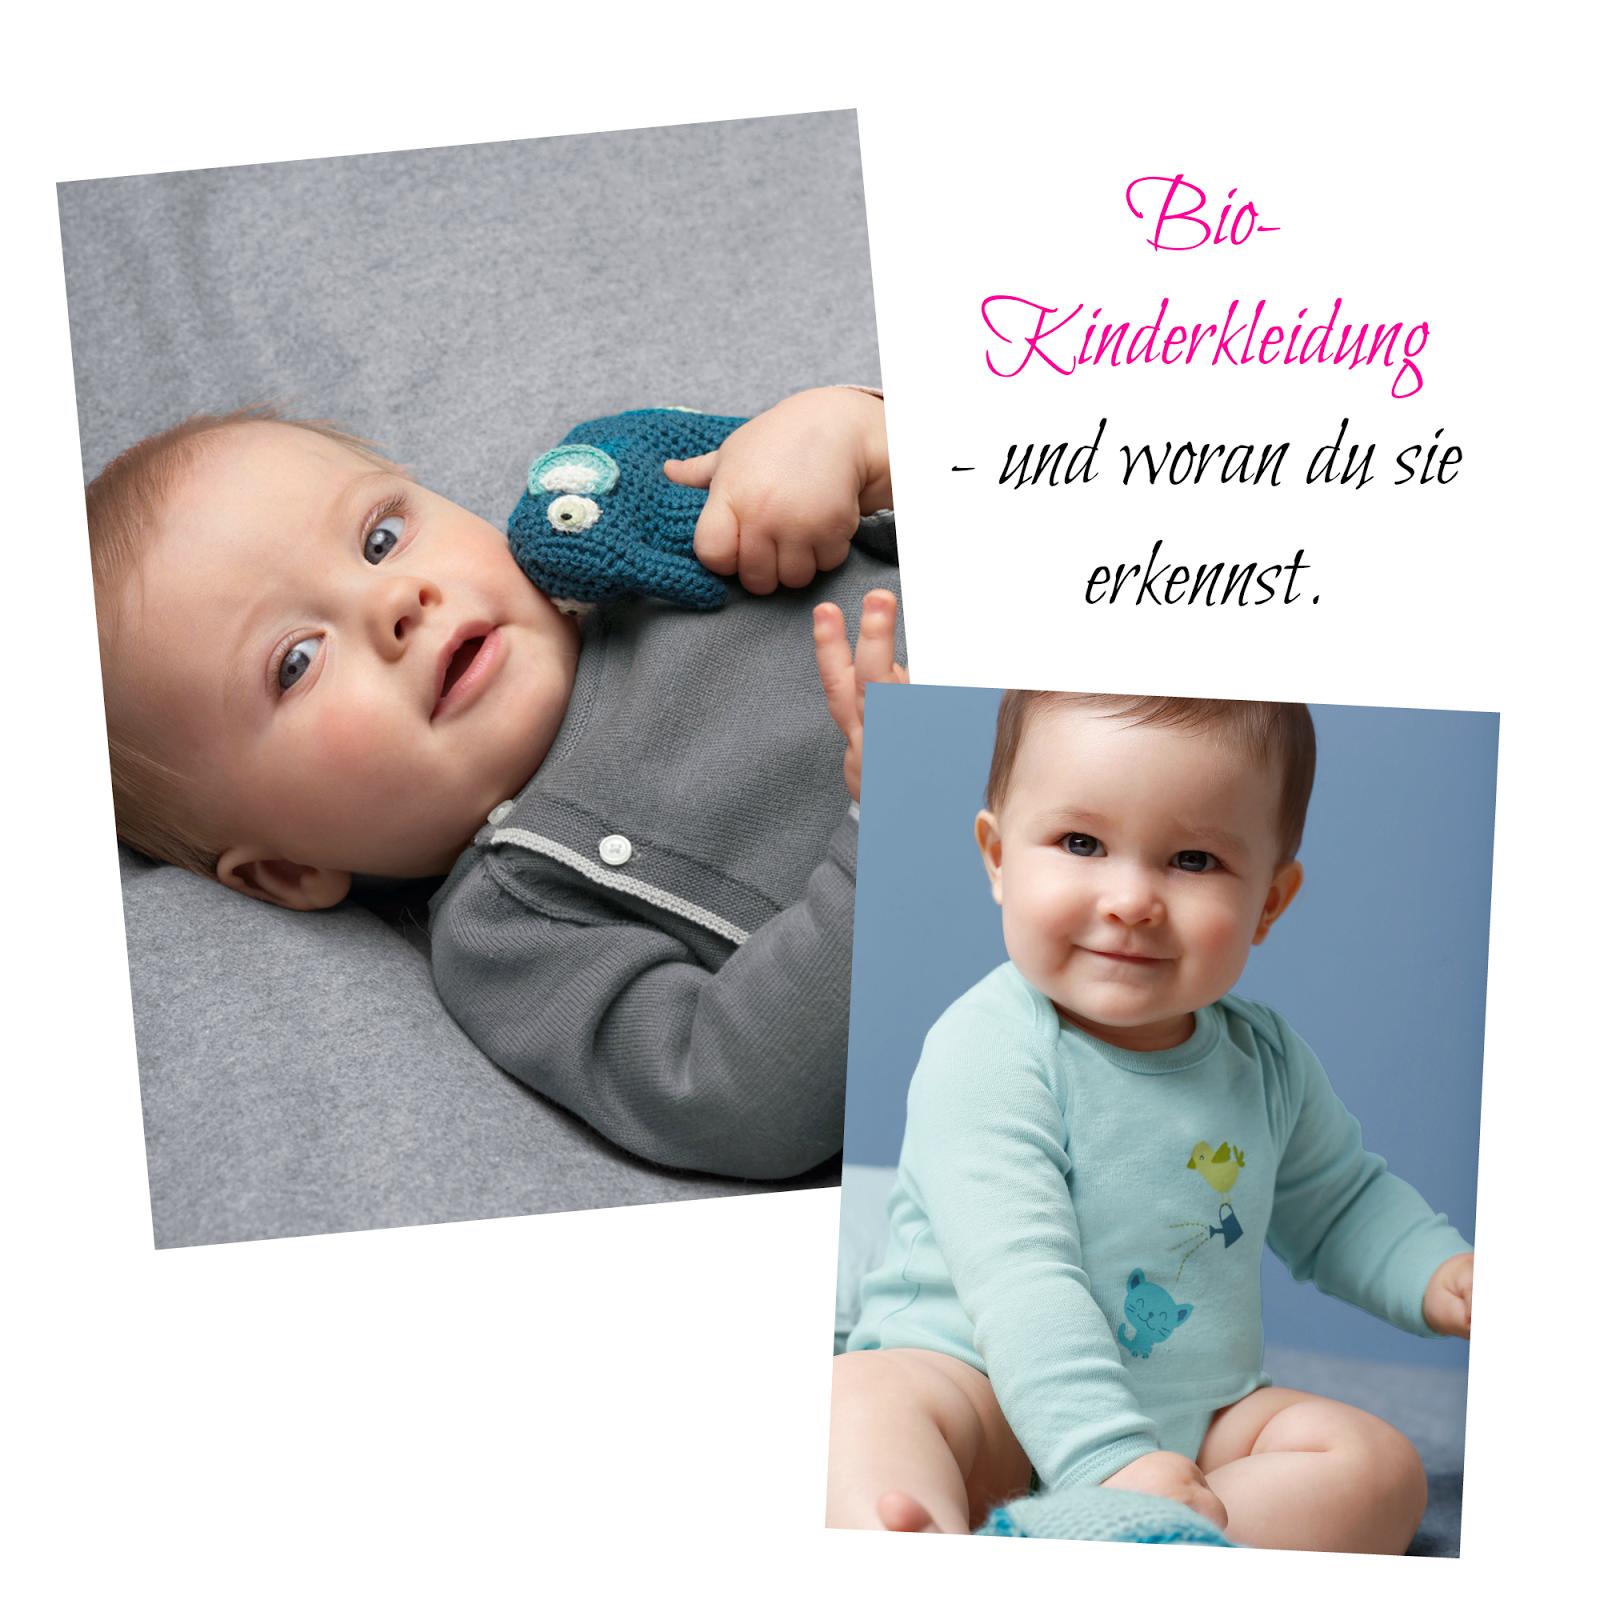 Bio-Kinderkleidung: daran erkennst du sie wirklich. Gütesiegel im Überblick.